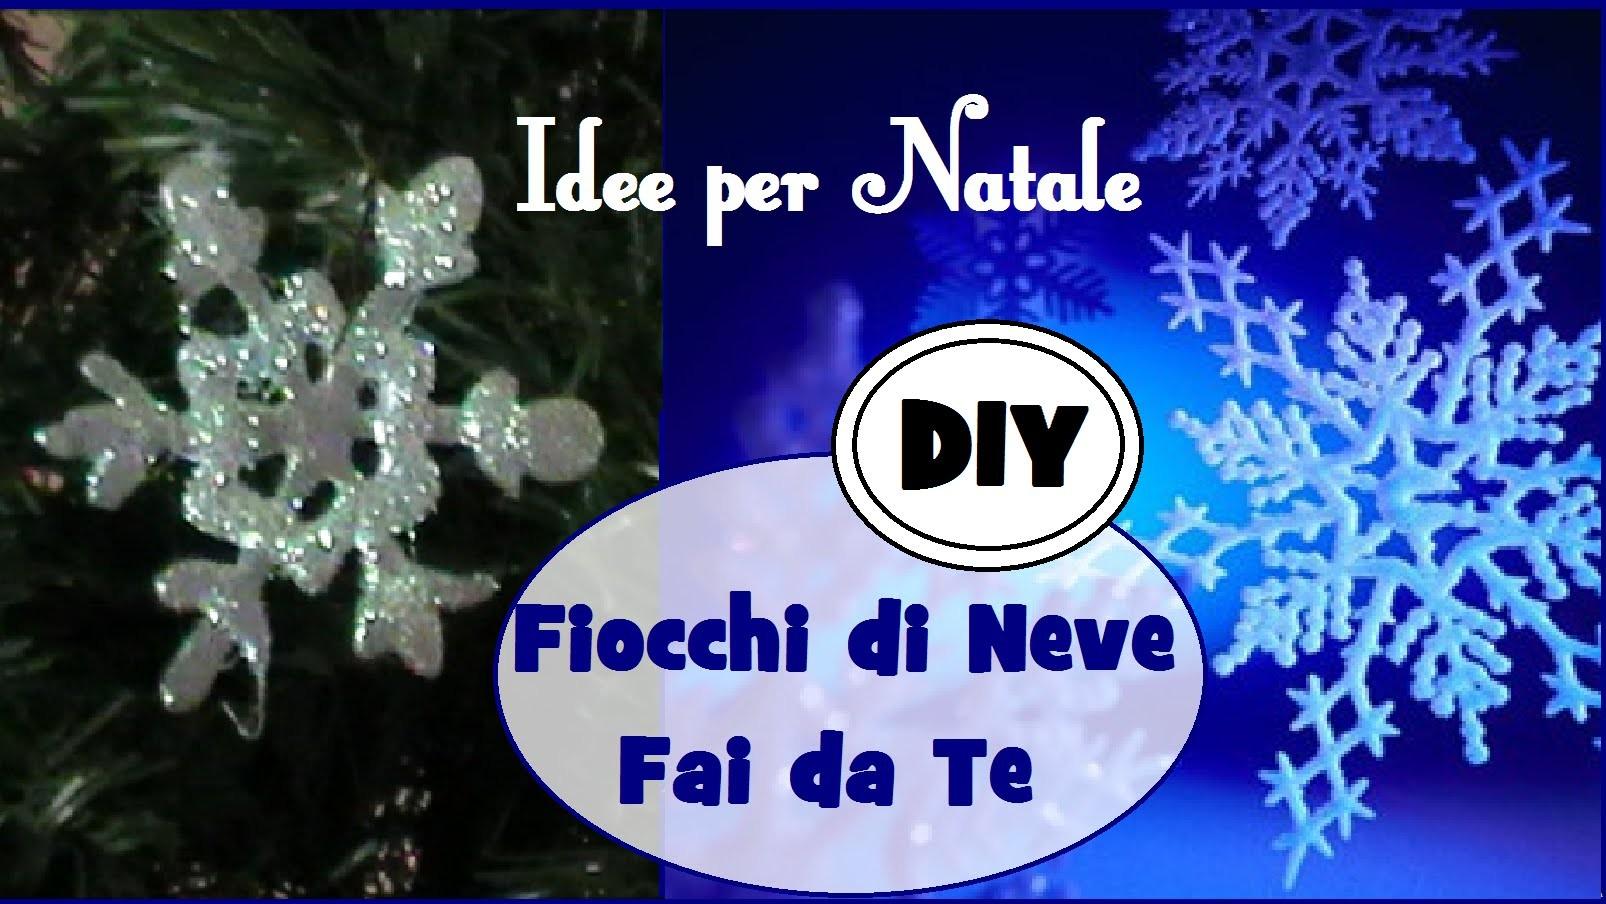 Decorazioni di Natale: Fiocco di Neve in un minuto - DIY SNOWFLAKES